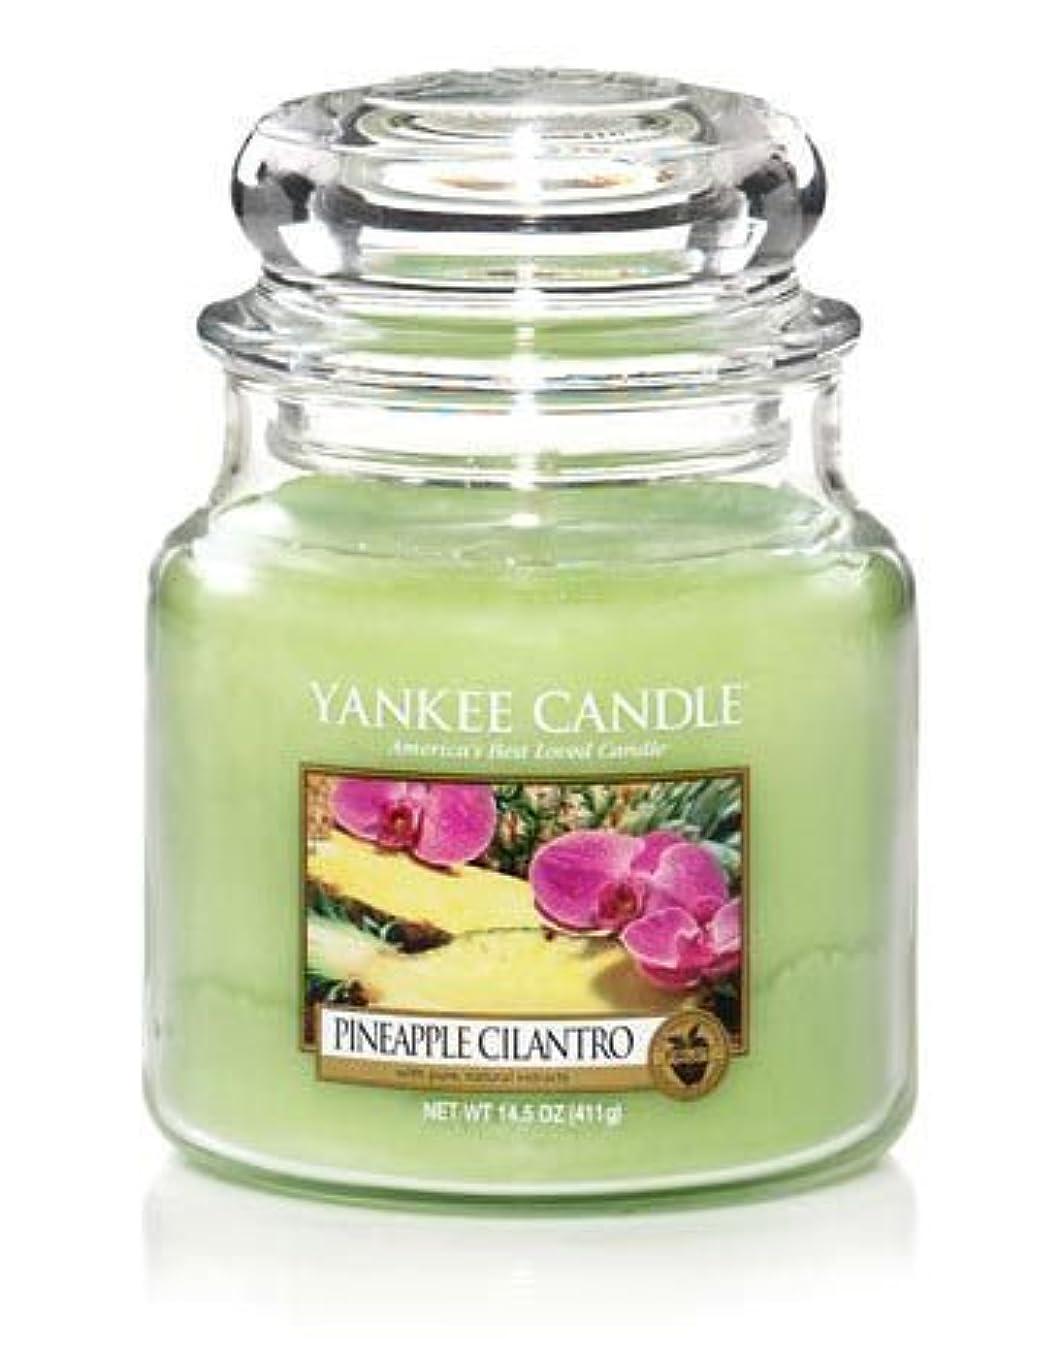 咳全く羊の服を着た狼Yankee Candle Pineapple Cilantro Medium Jar 14.5oz Candle by Amazon source [並行輸入品]